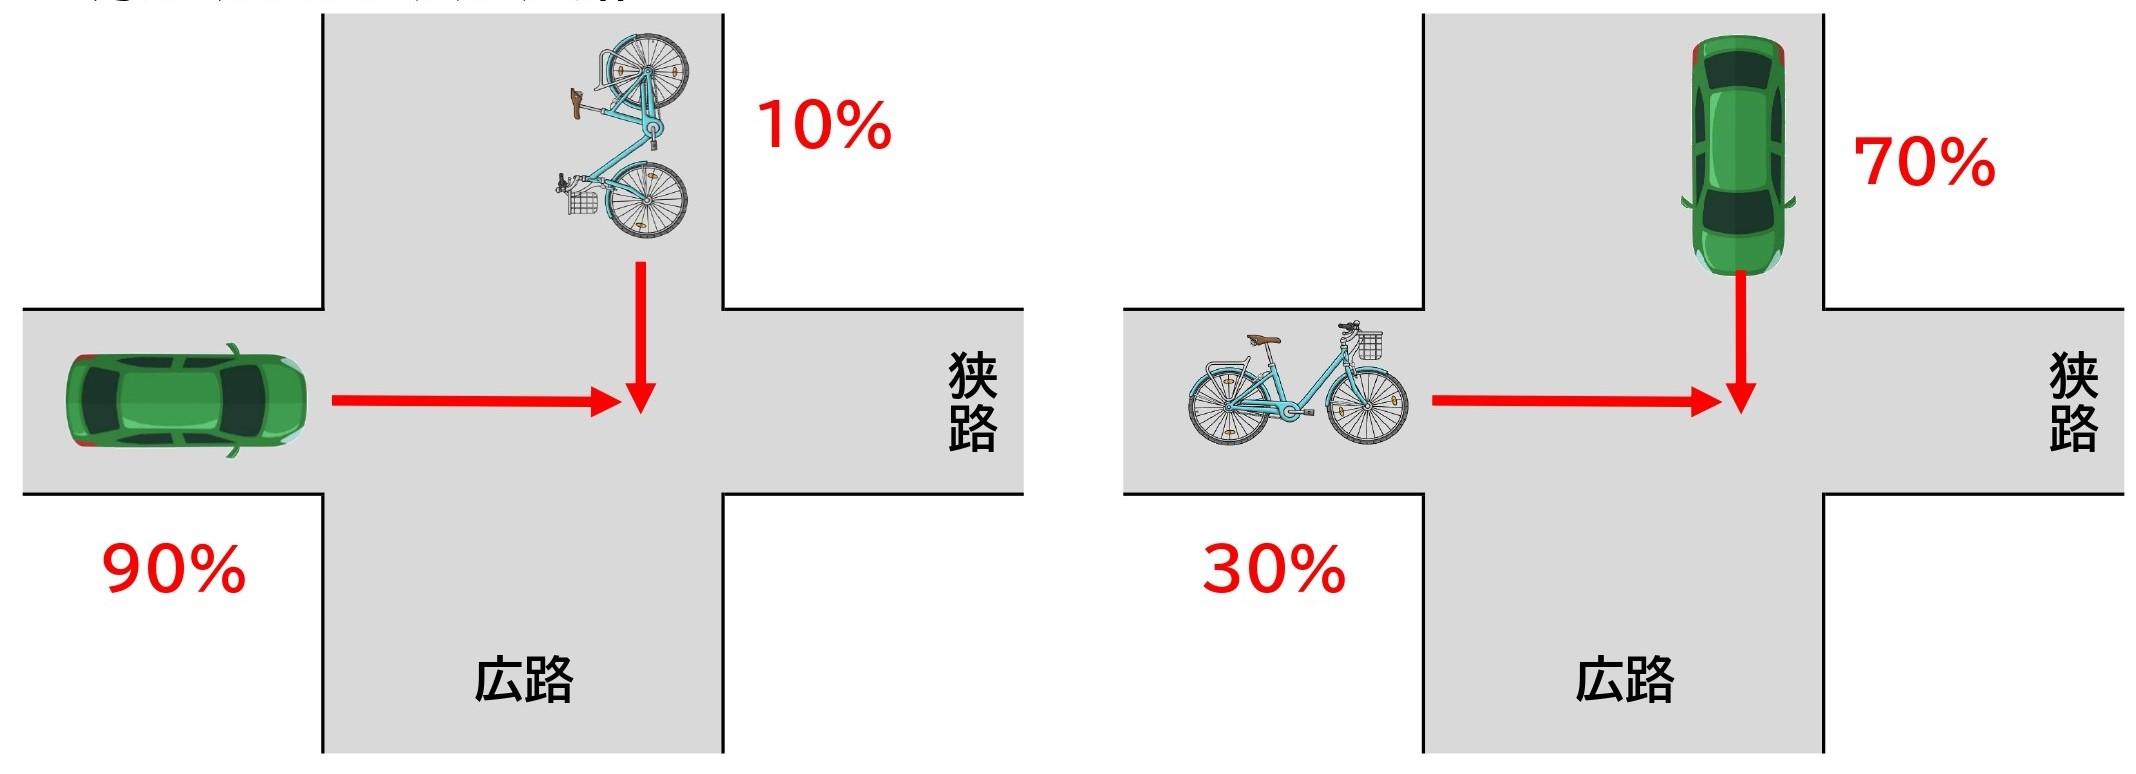 【図】自転車と車/交差点/直進同士/信号なし/一方が明らかに広い